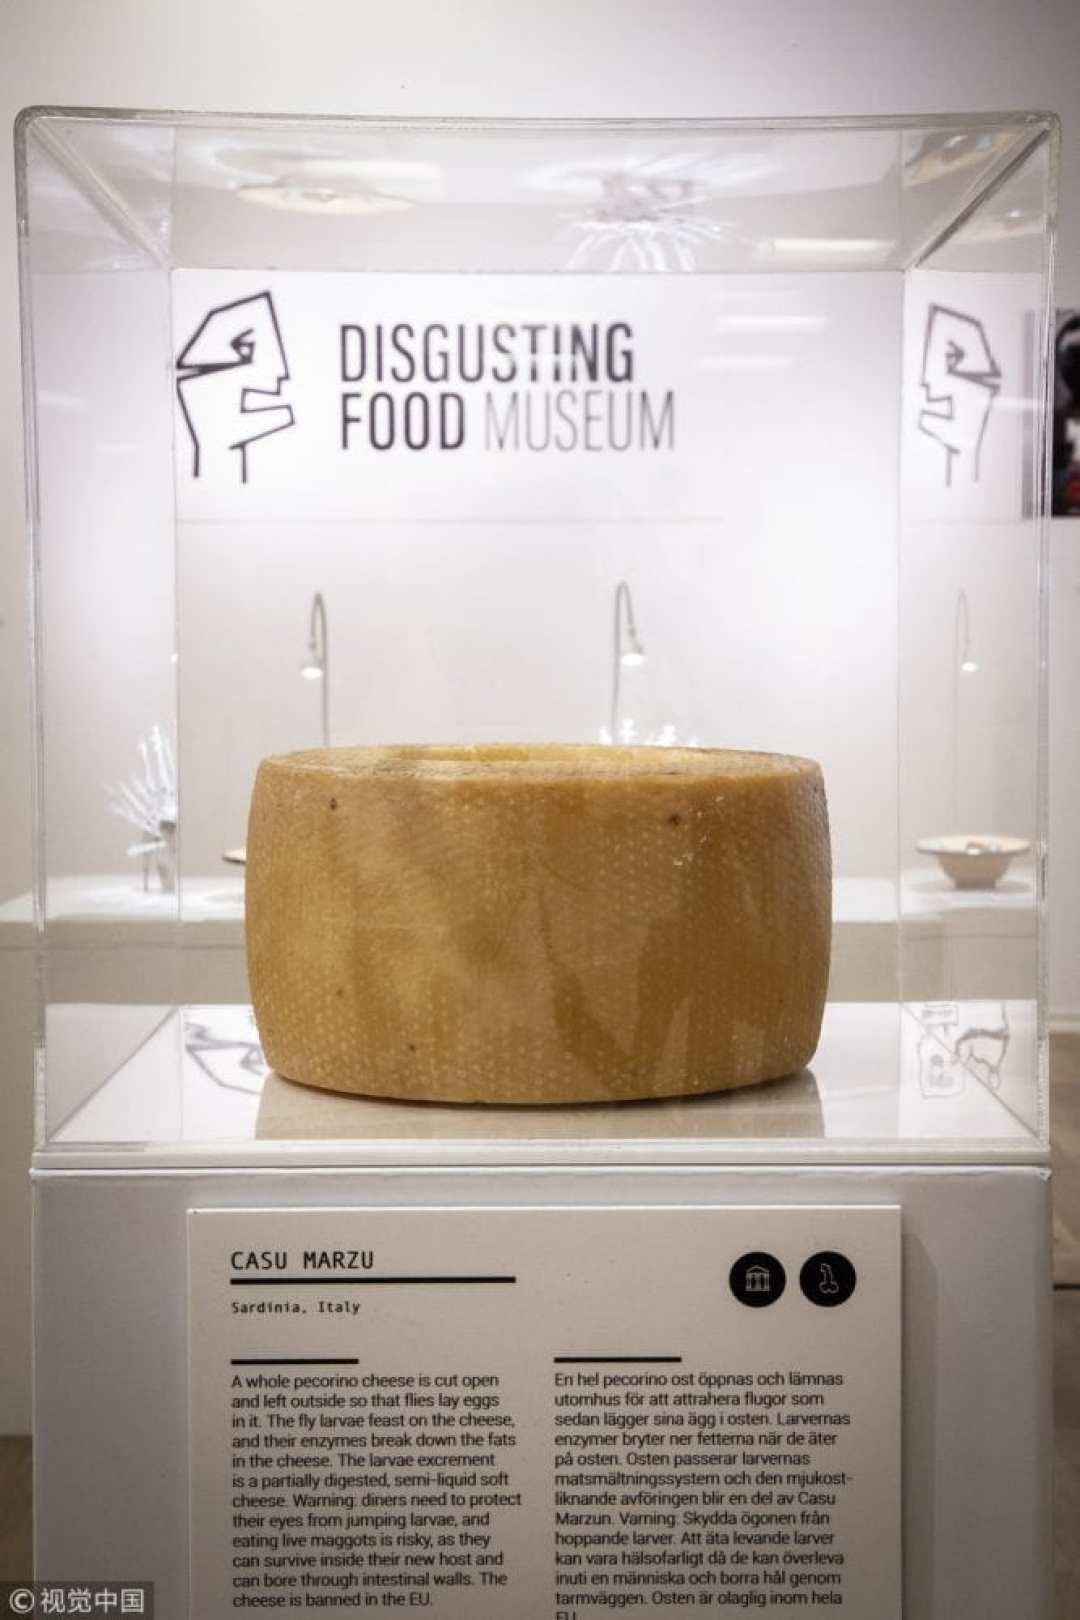 Le musée des aliments dégoûtants va ouvrir en Suède